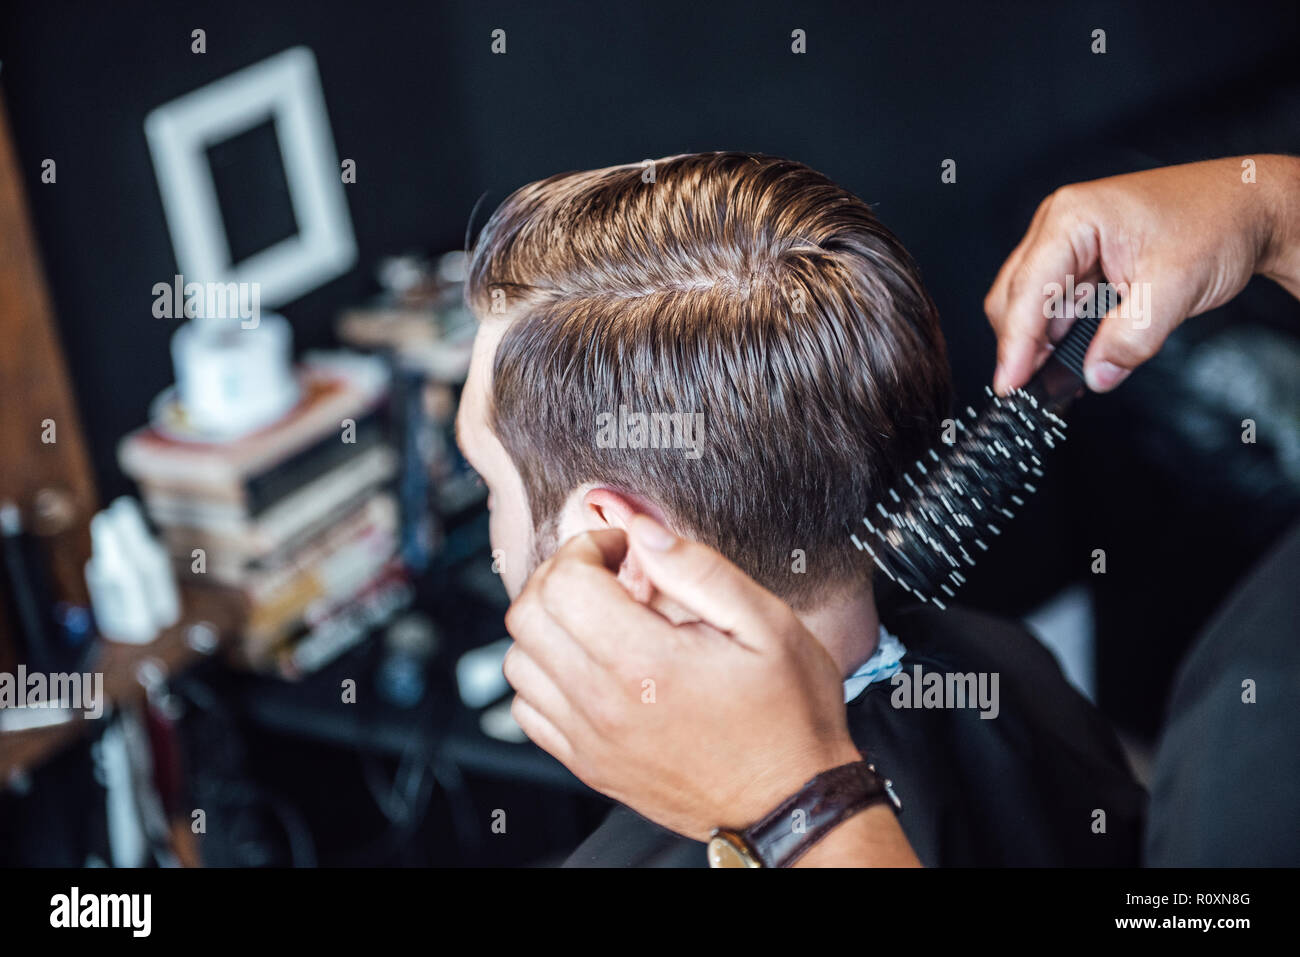 korper master rasiert